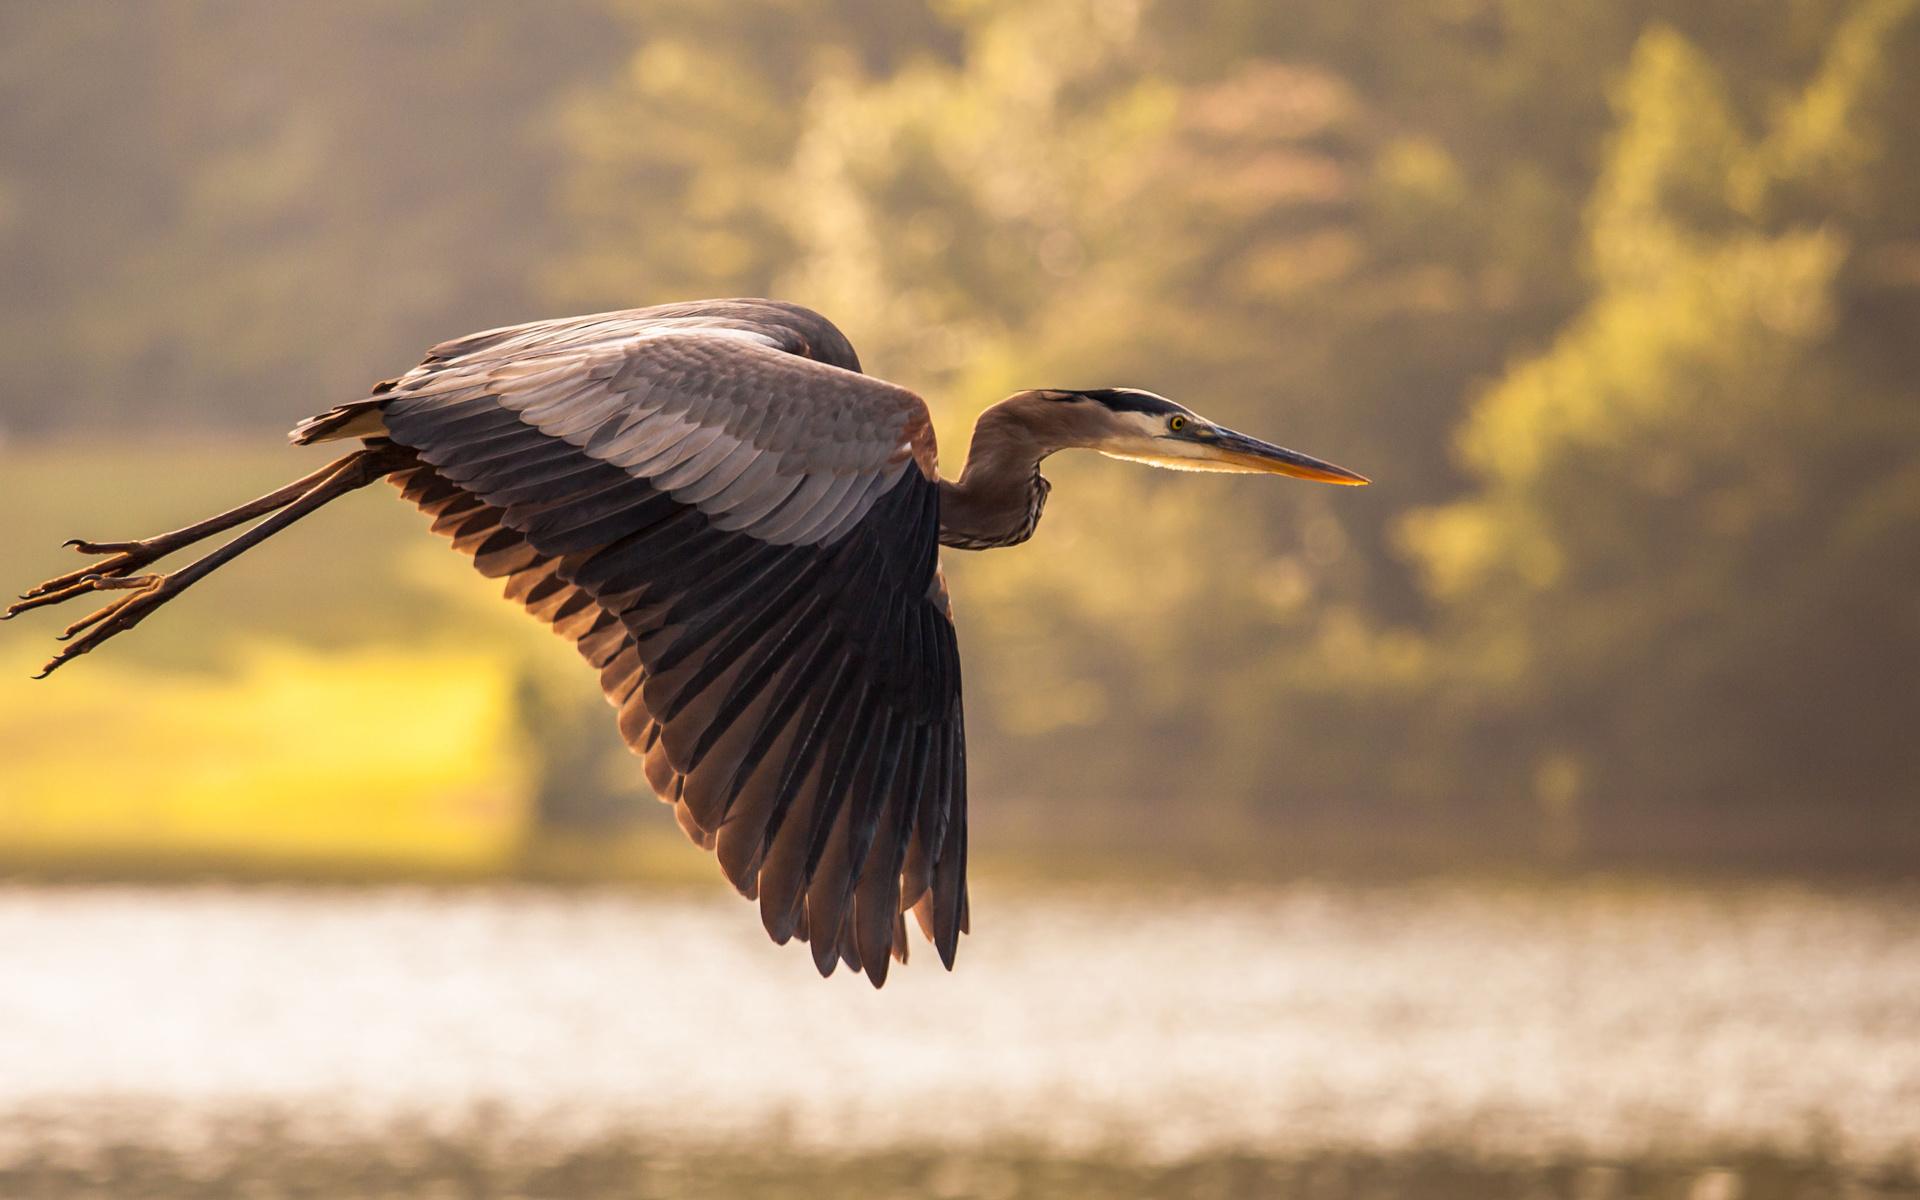 спектакля пригласили пейзажные фото птицы в полете использовать простую